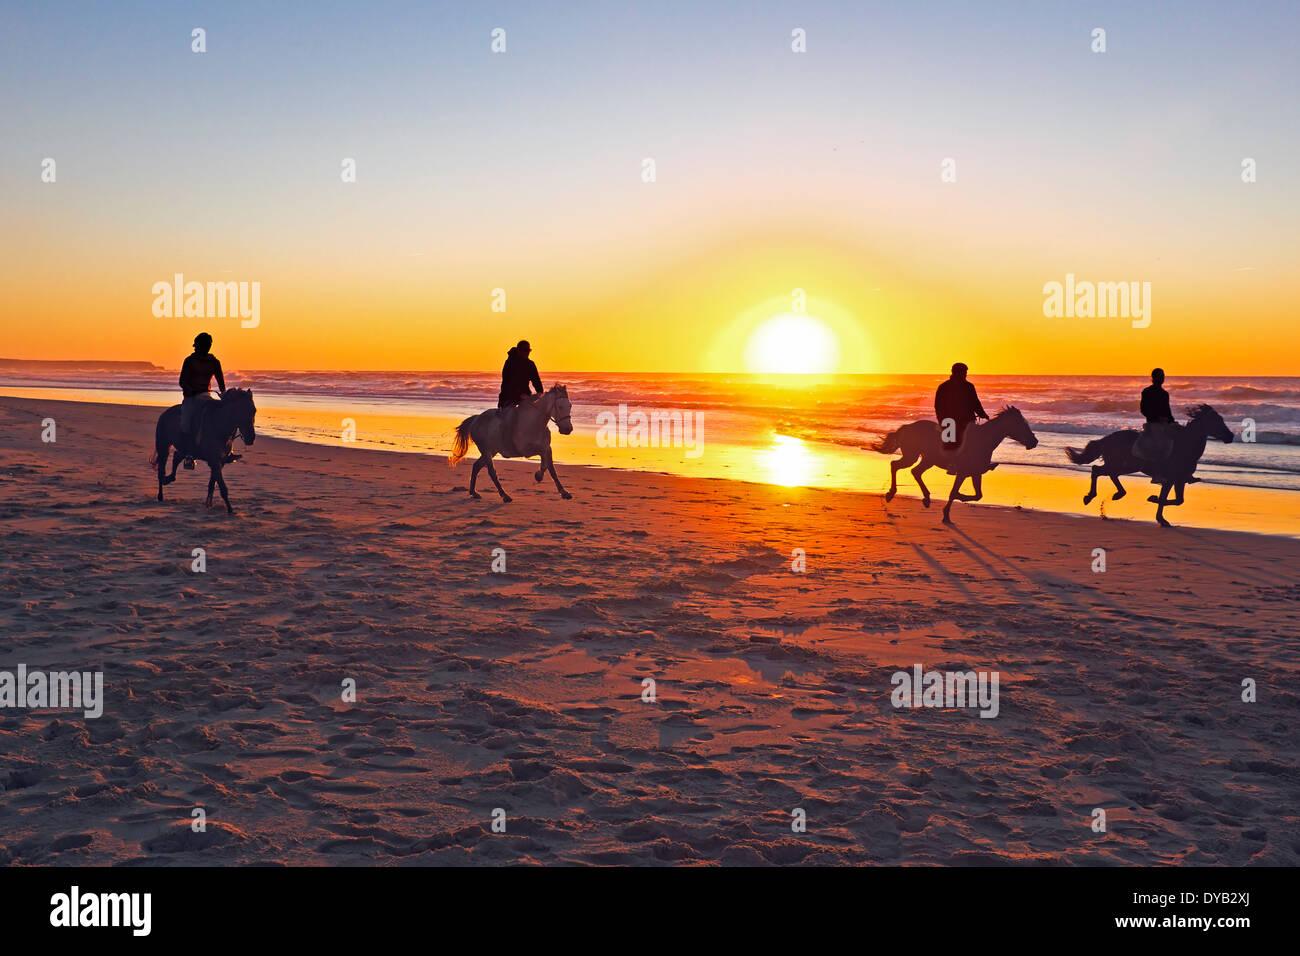 L'équitation sur la plage au coucher du soleil Photo Stock